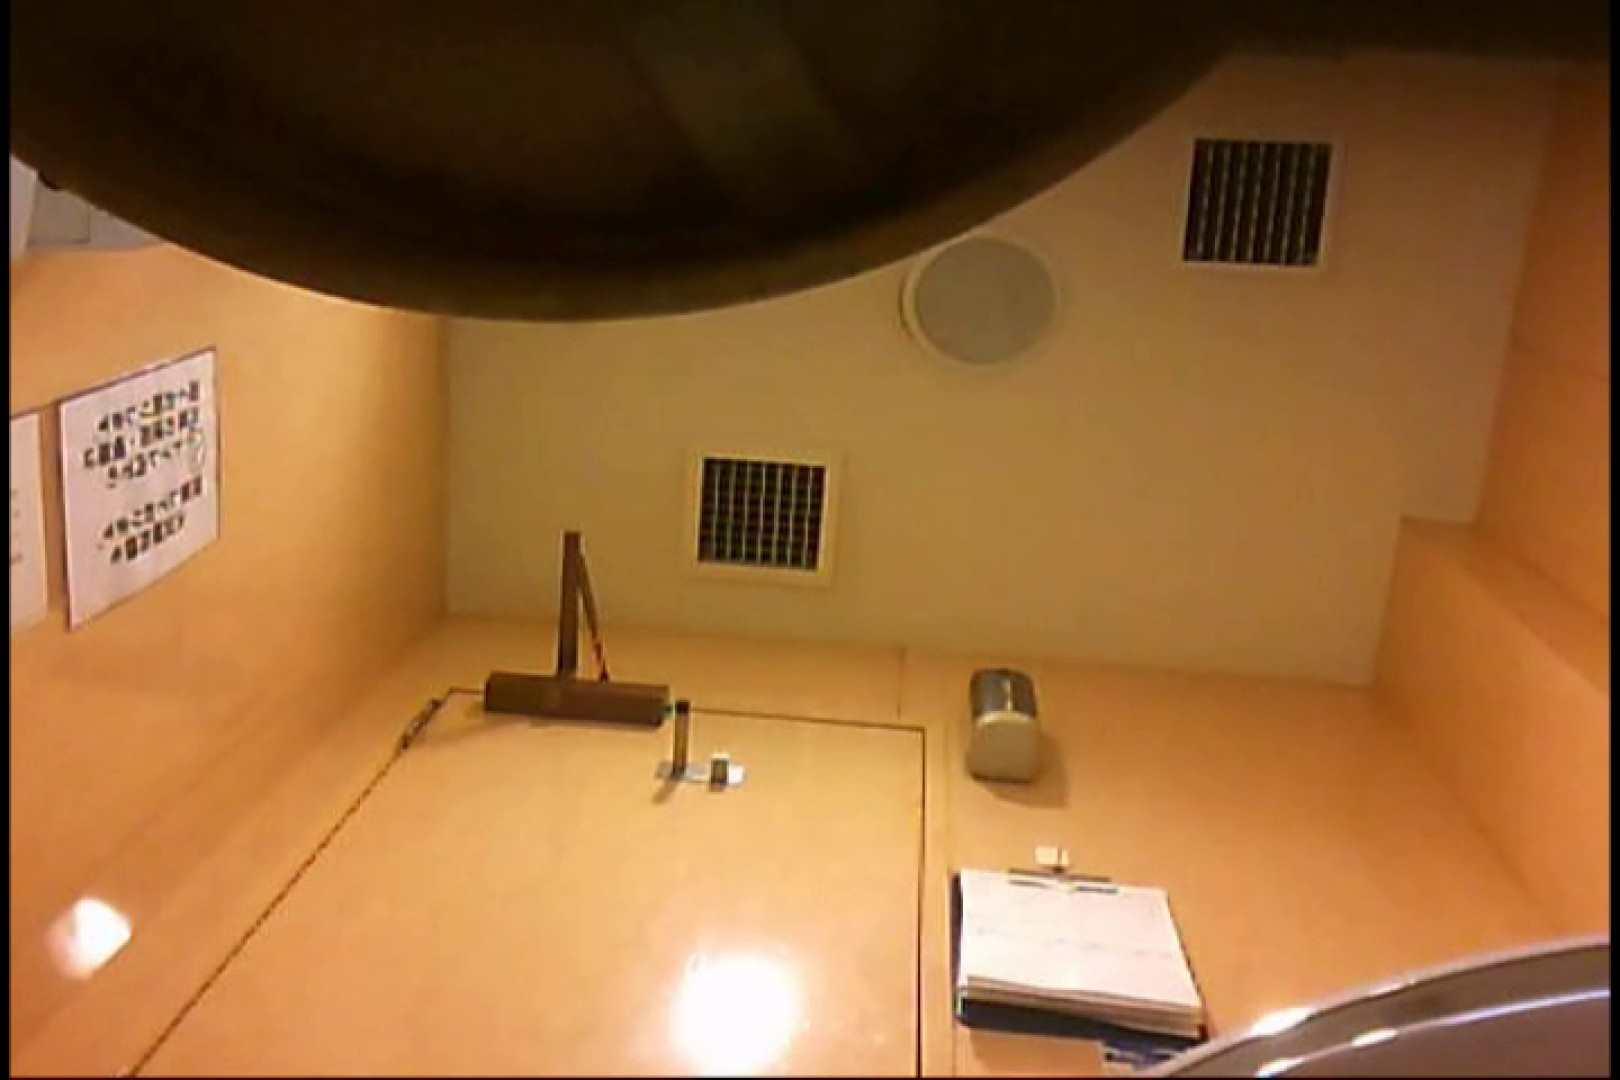 マダムが集まるデパートお手洗い Vol.44 お手洗いの中では | 盛合せ  48画像 38